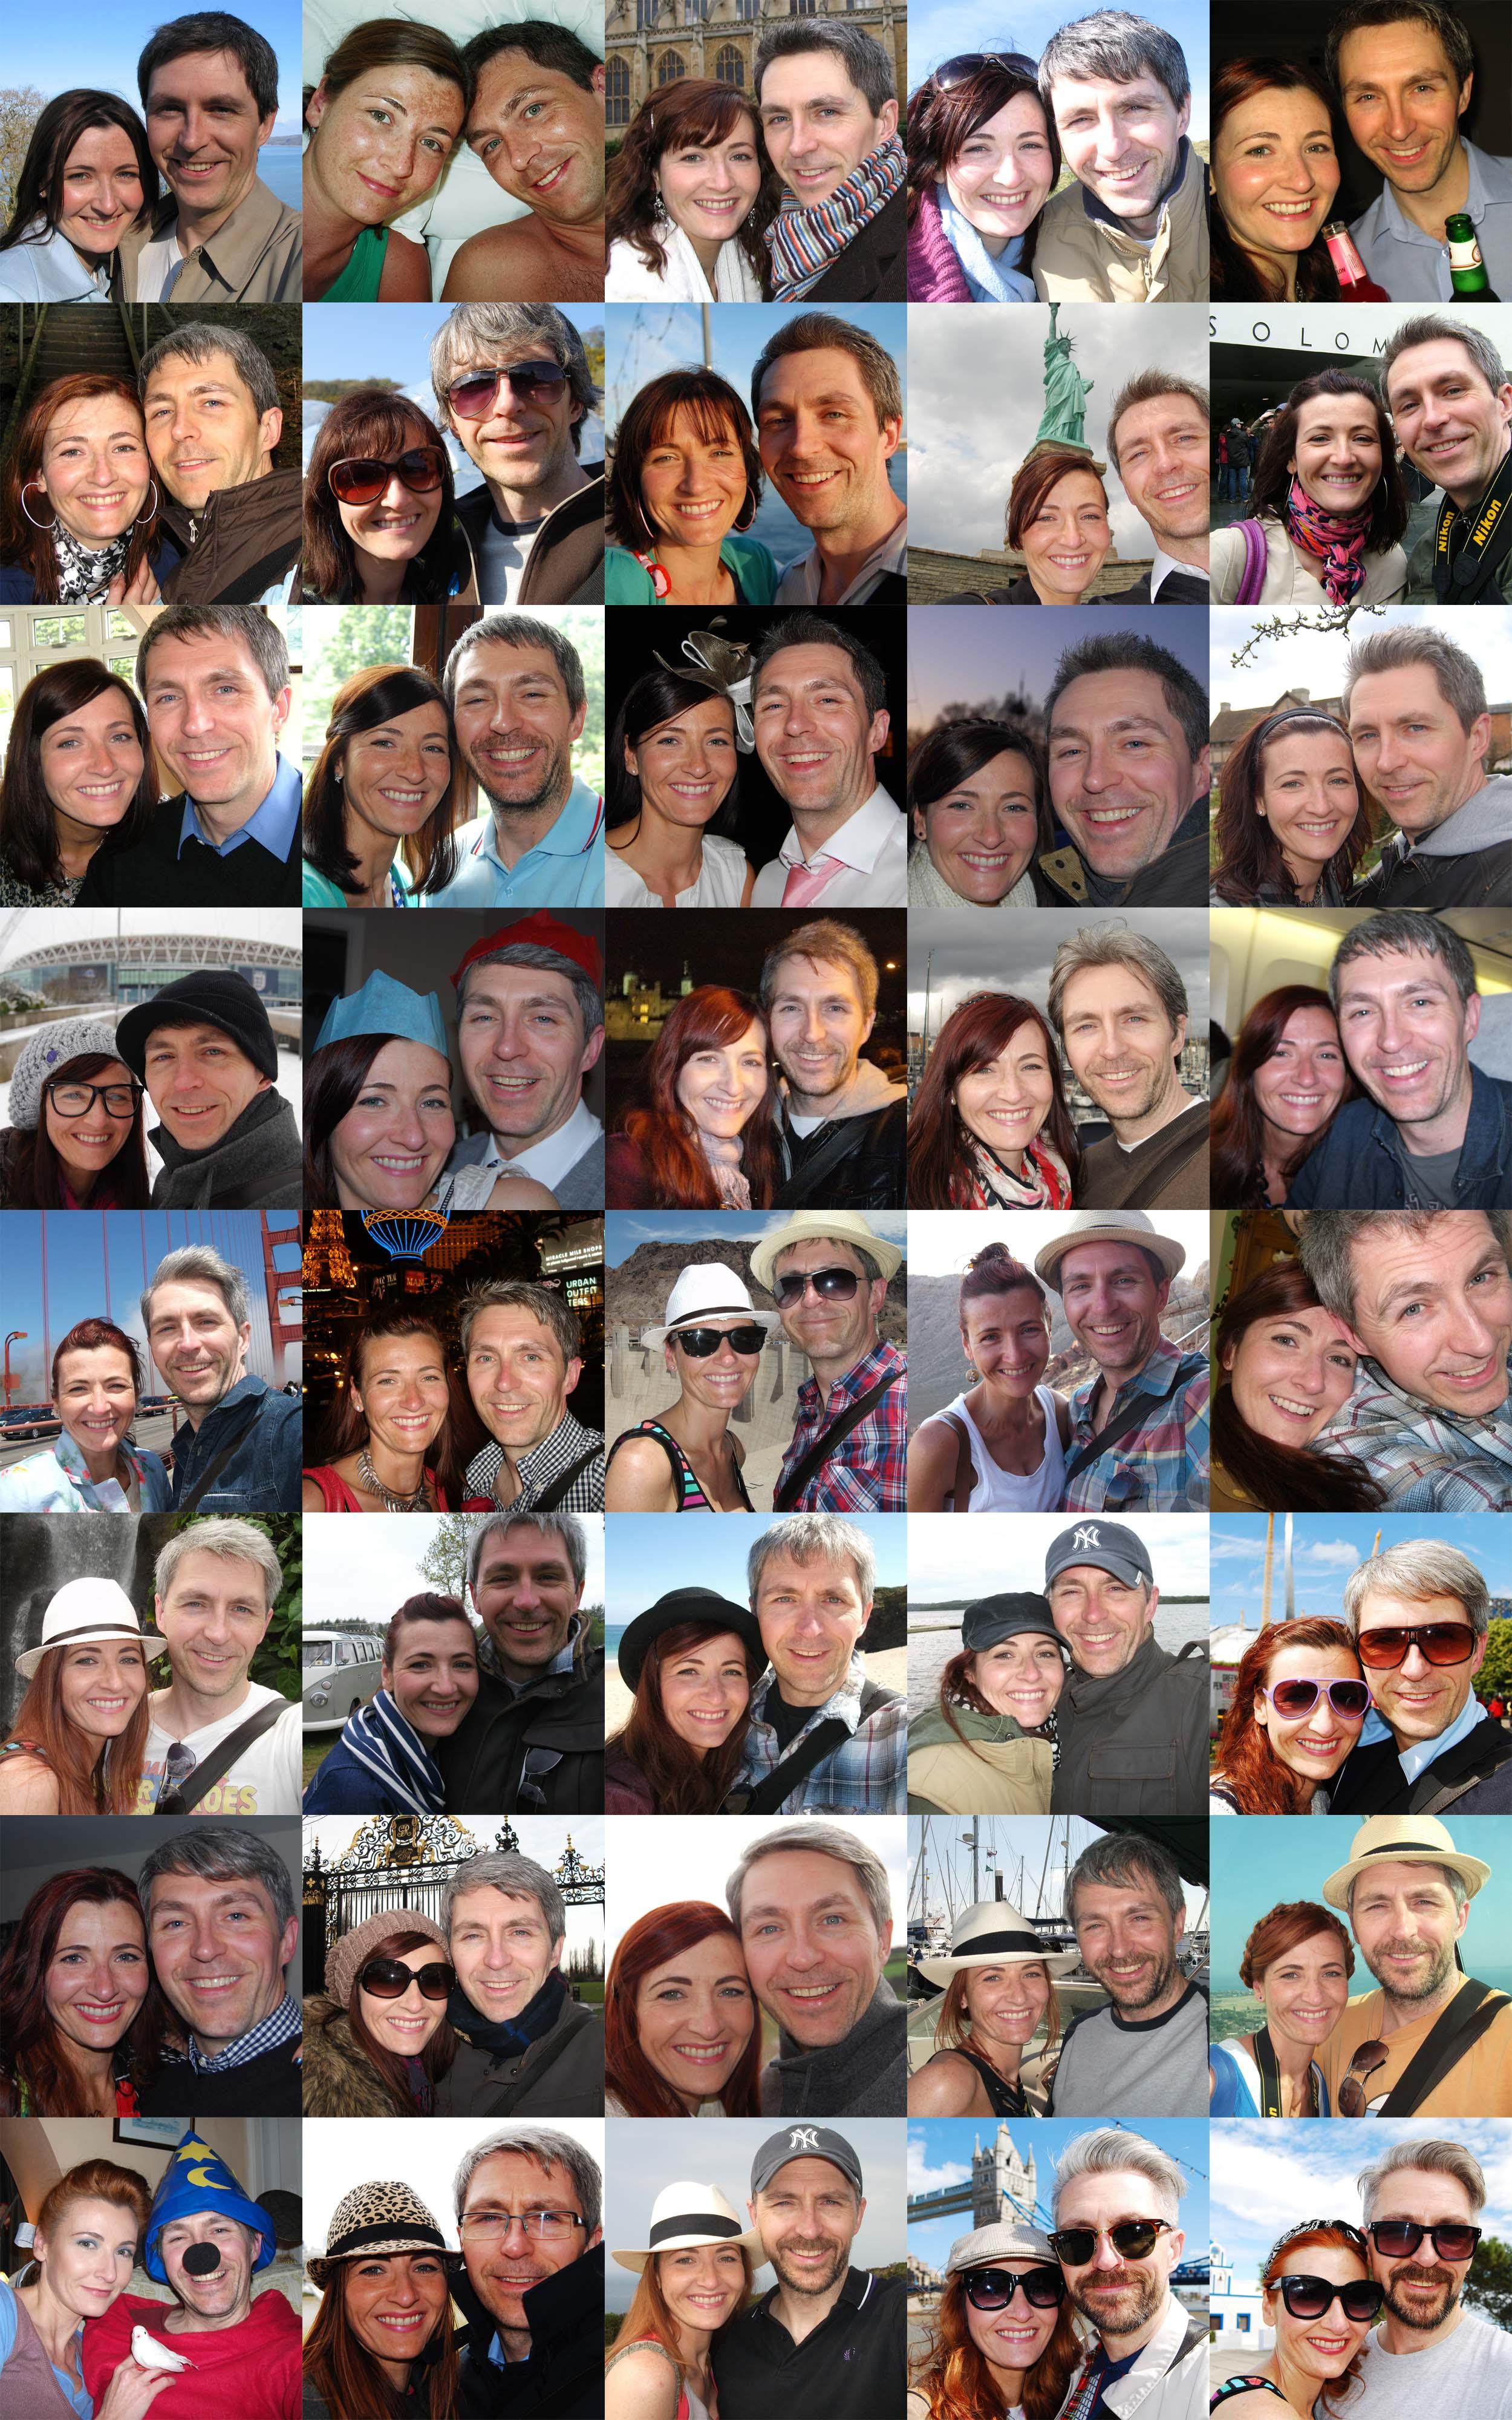 15 years of selfies